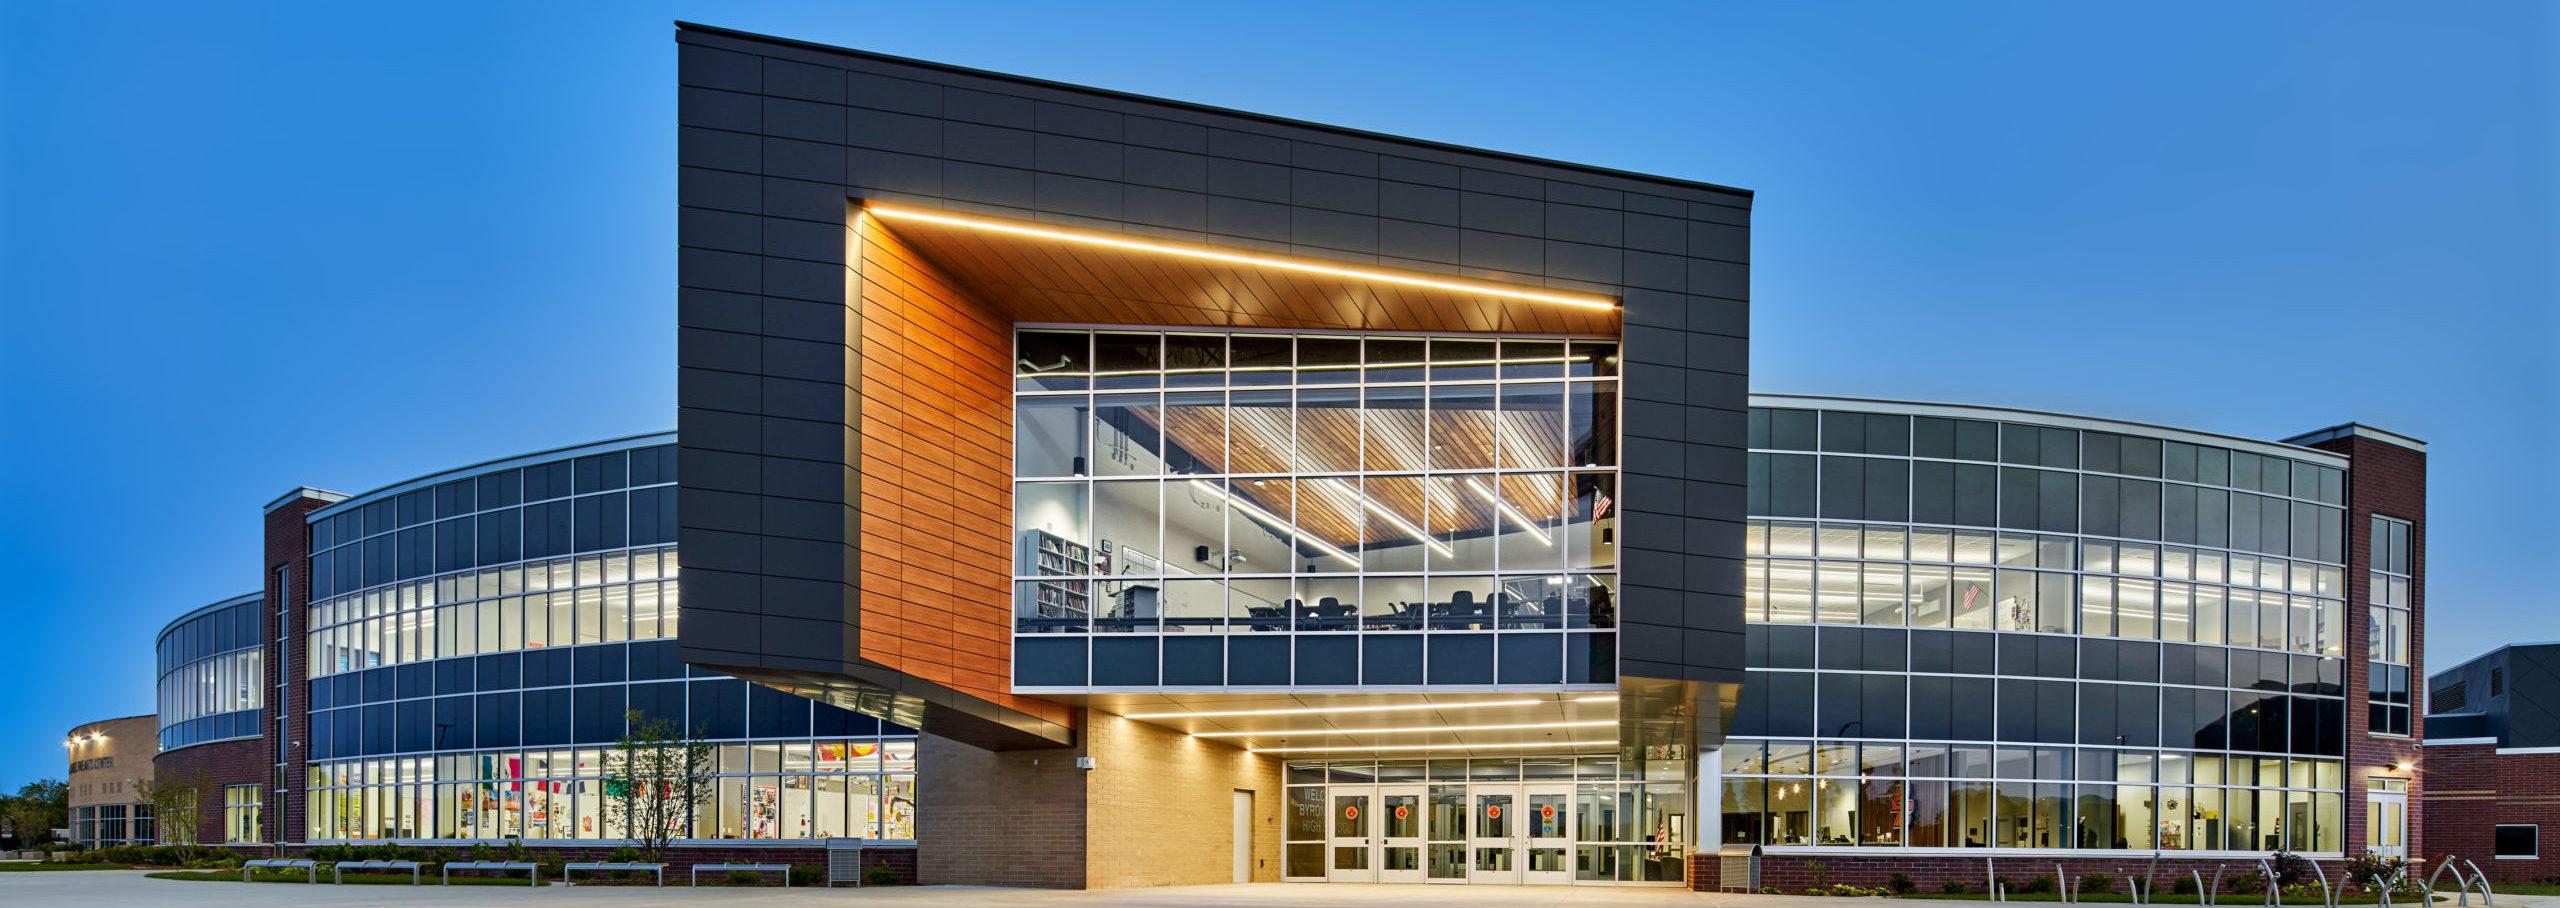 Byron Center High School 0015